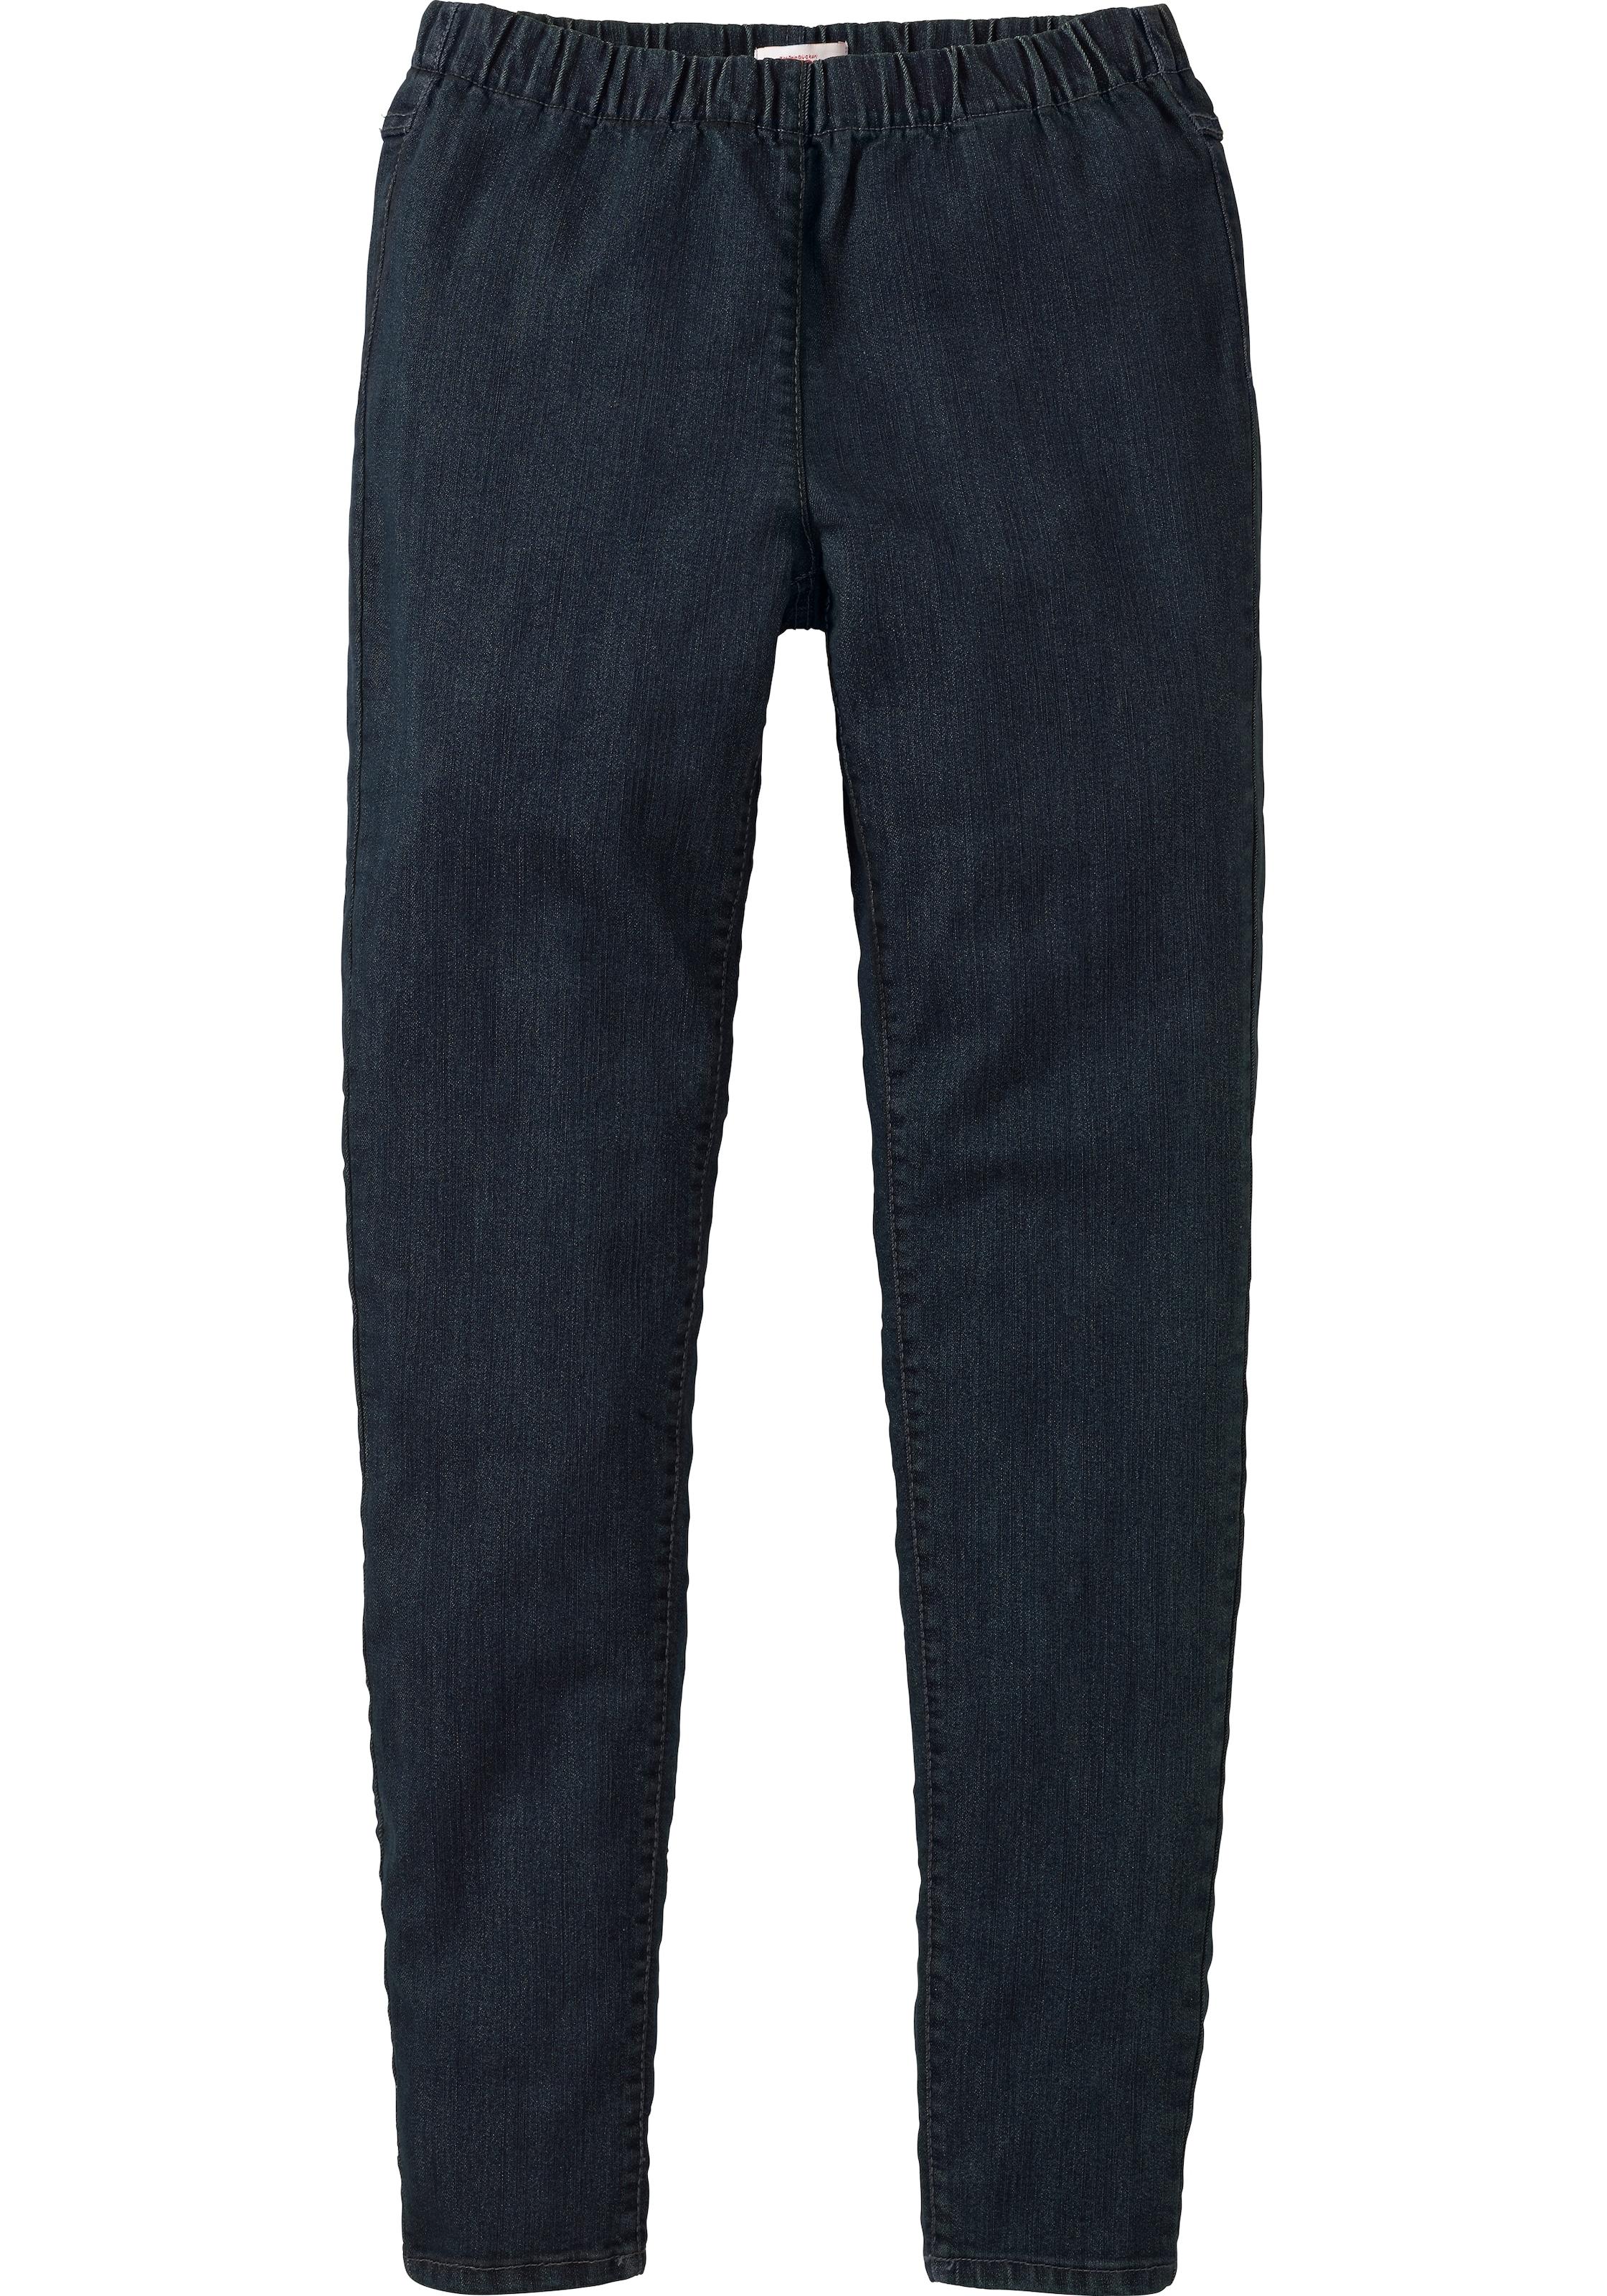 sheego denim Jeansleggings mit leichter Waschung Freies Verschiffen 100% Original P1YgajKPSd